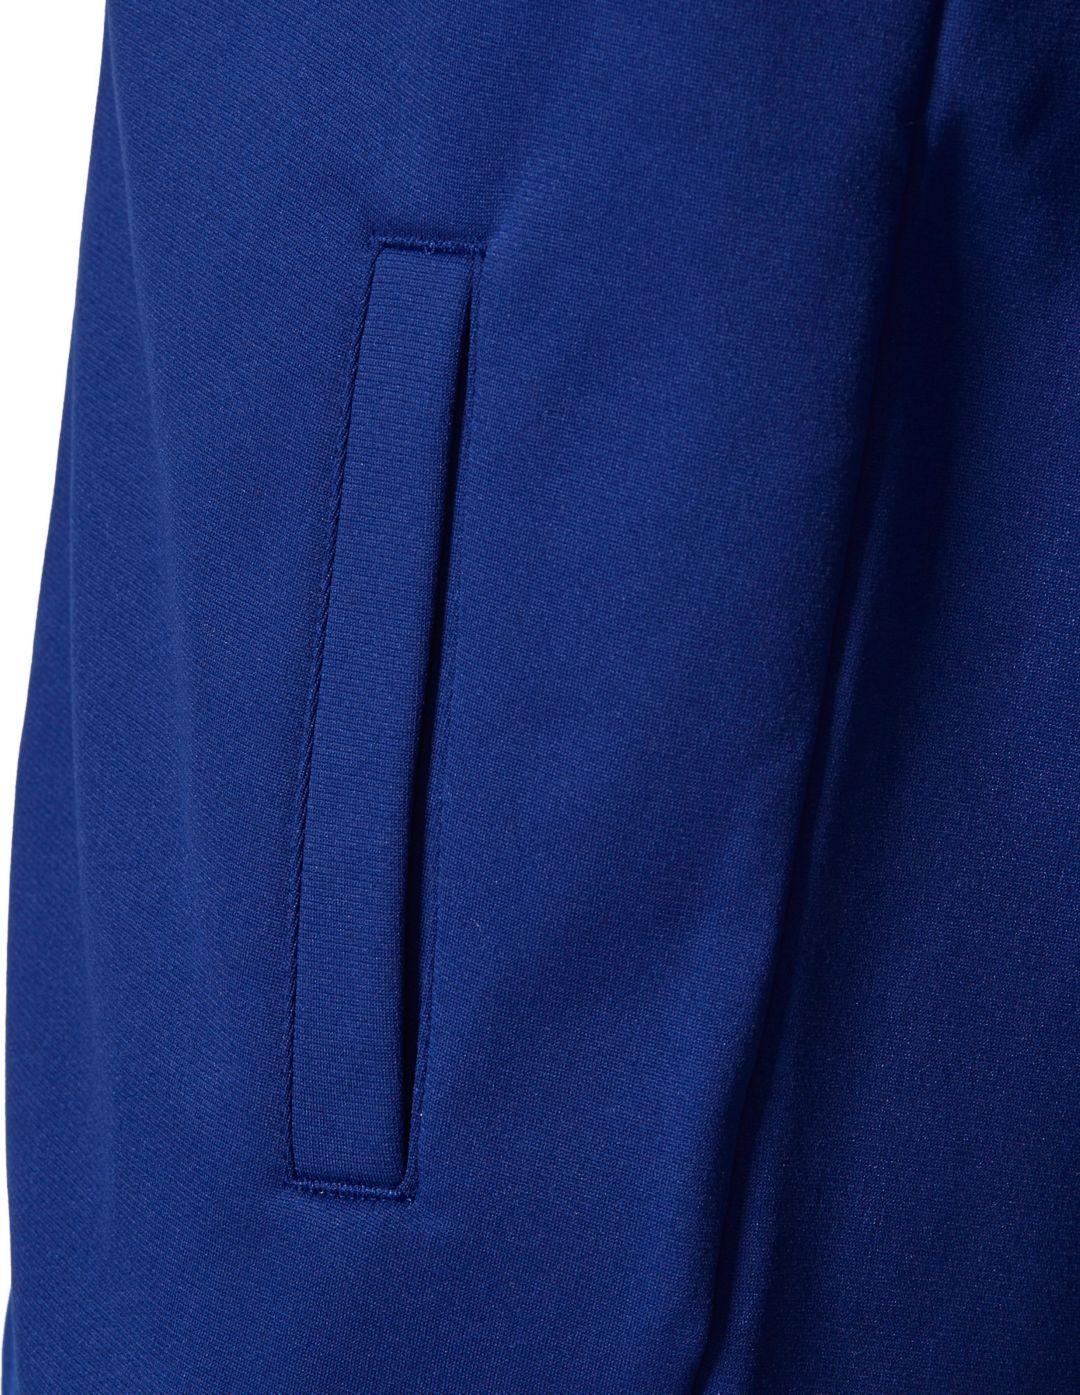 2778ccd8b0140 adidas Originals Boys' Superstar Track Jacket